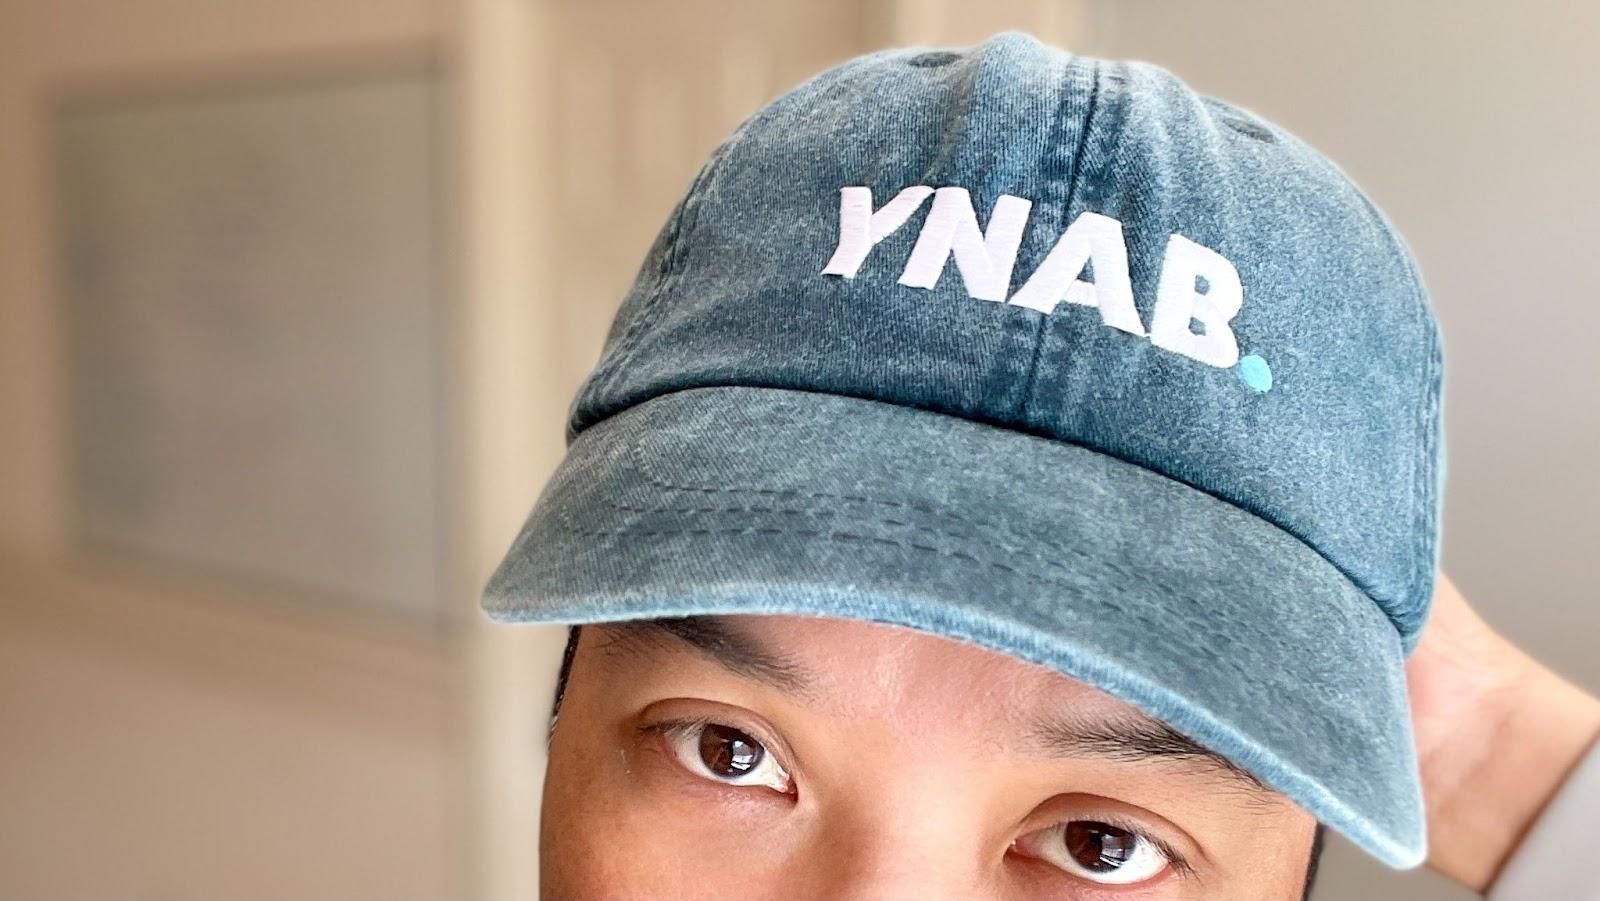 Daniel rockin' his YNAB dad-hat.